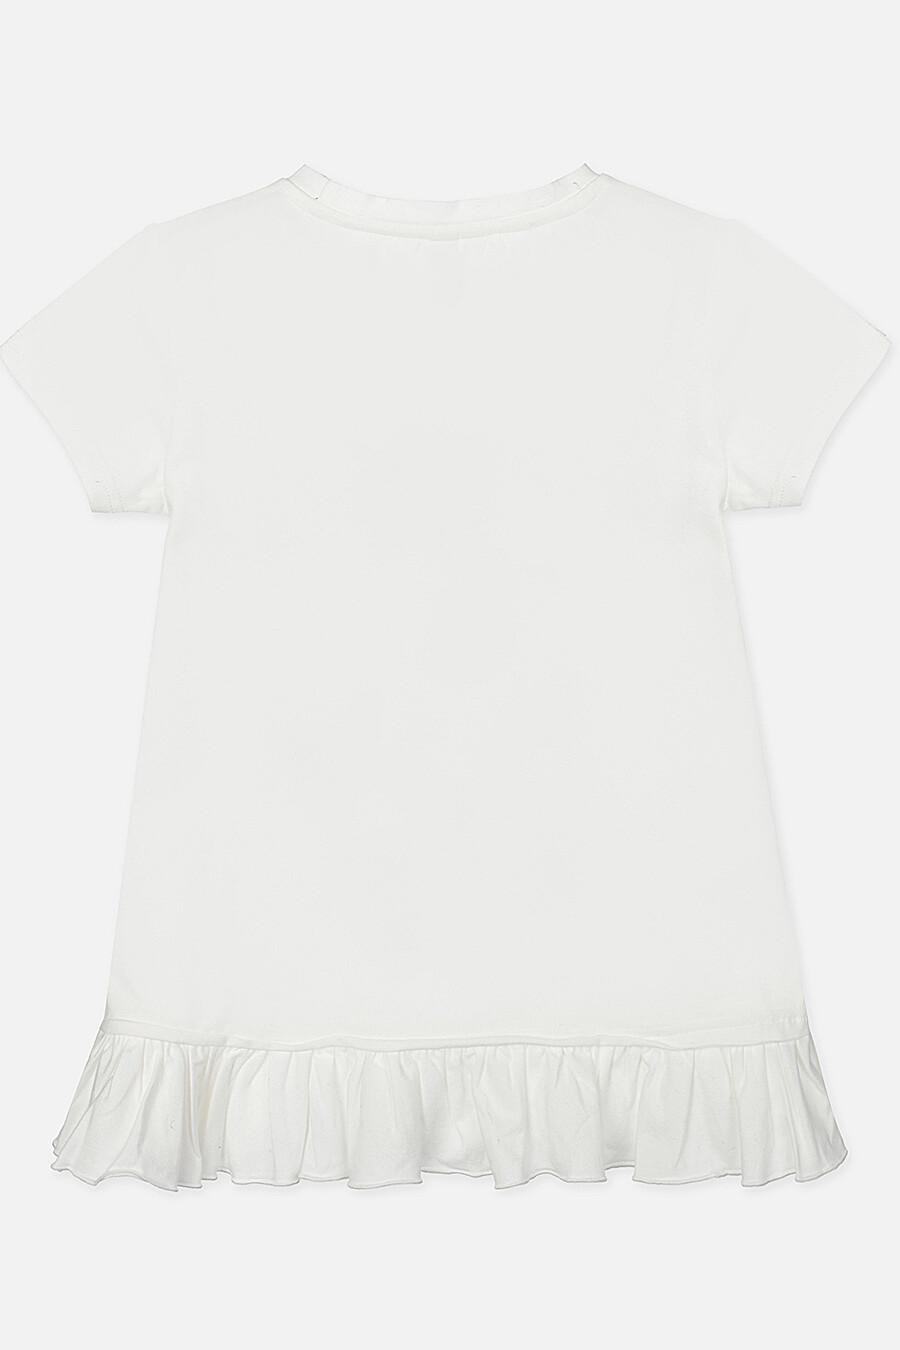 Футболка для девочек PLAYTODAY 172526 купить оптом от производителя. Совместная покупка детской одежды в OptMoyo